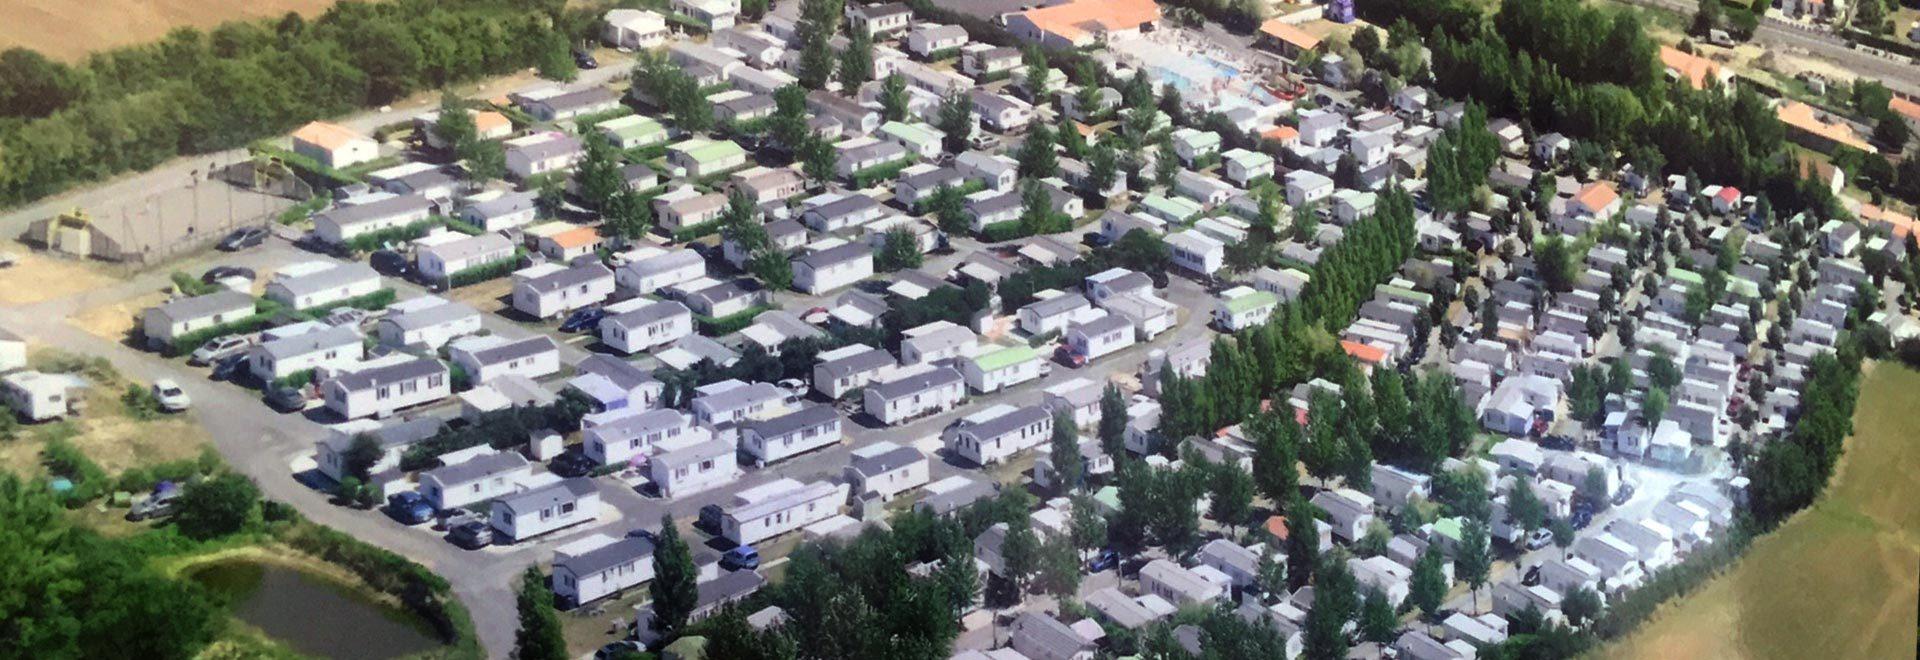 vue aérienne du camping le chatelier